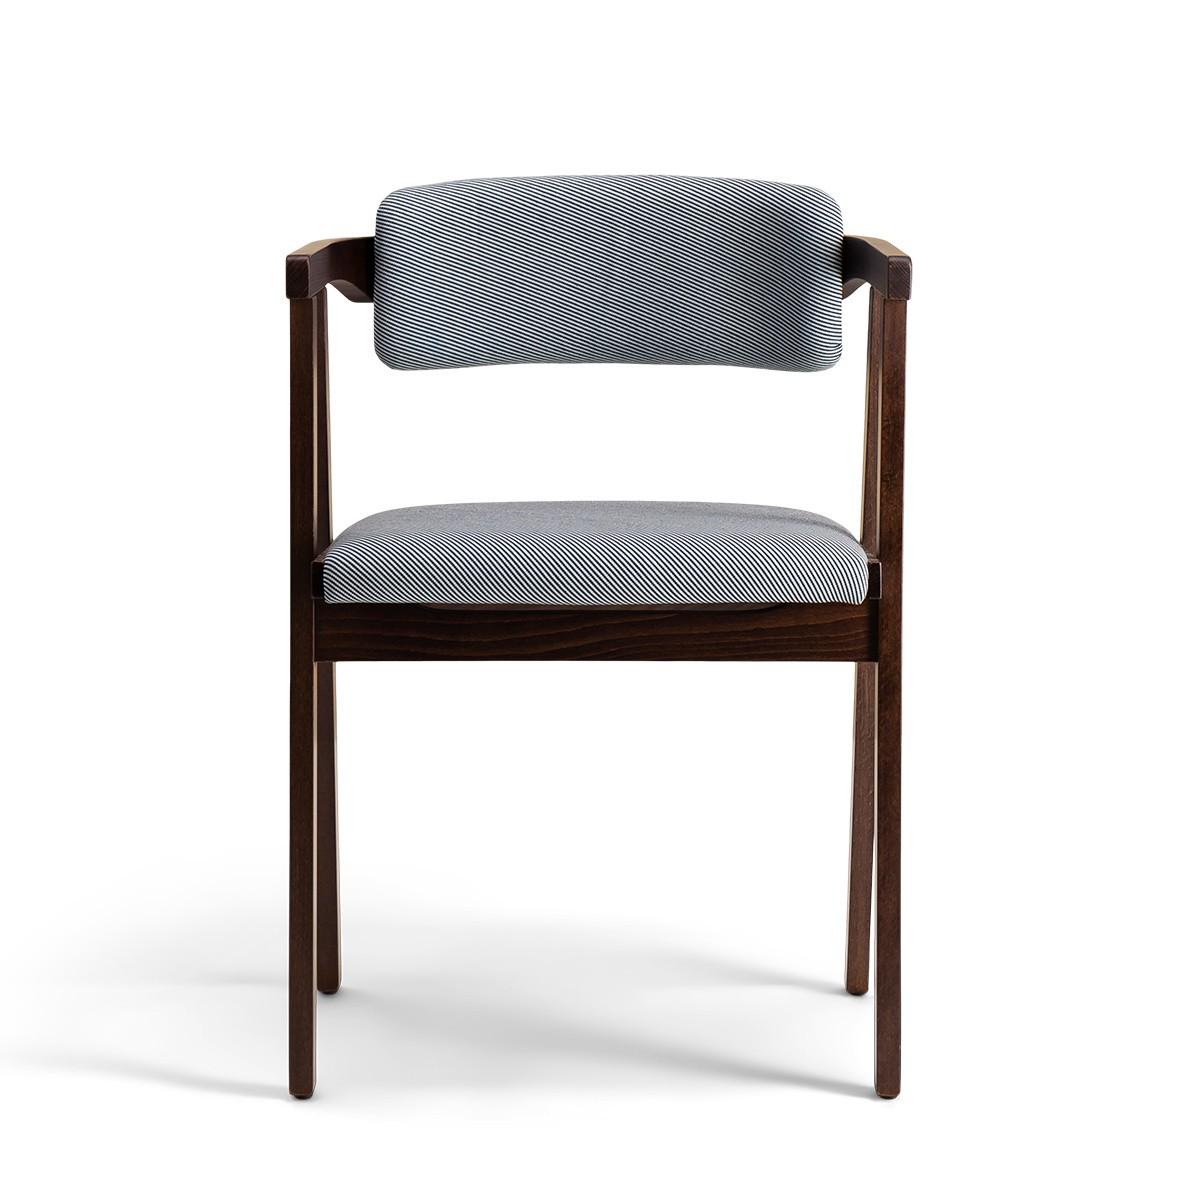 Chaise Milano bois brun coton rayé bleu et blanc